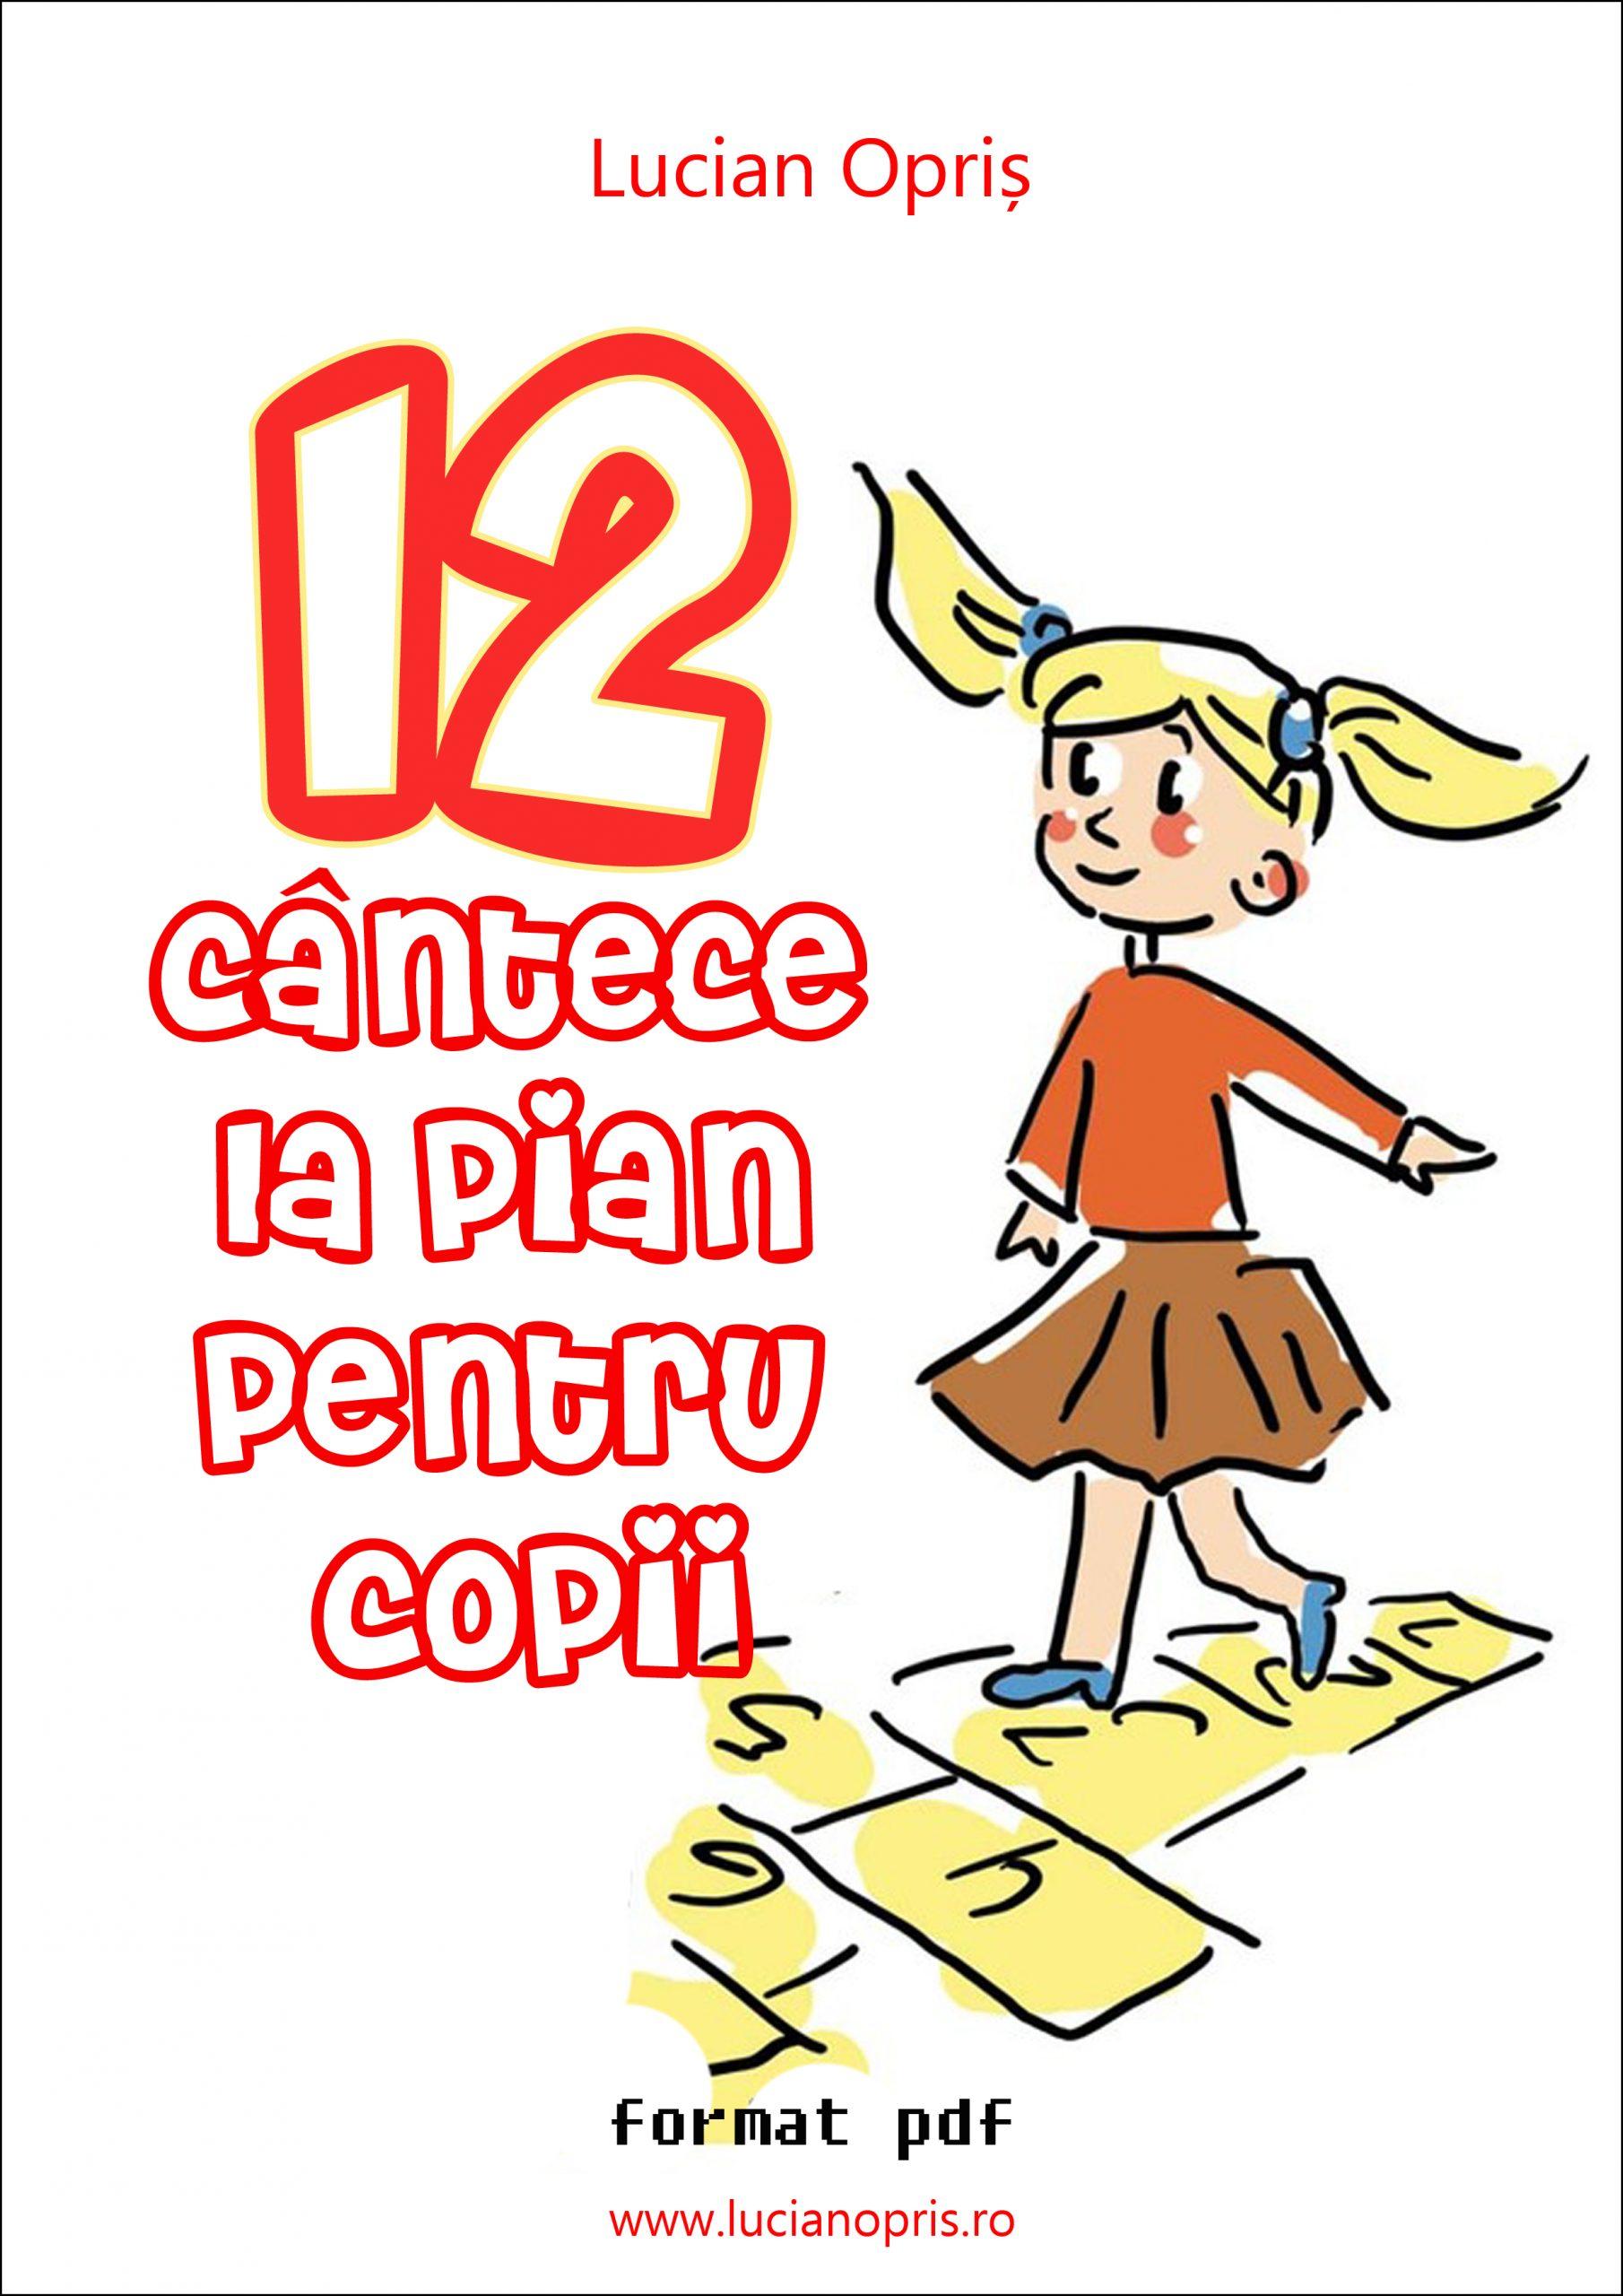 12 Cantece la pian pentru copii